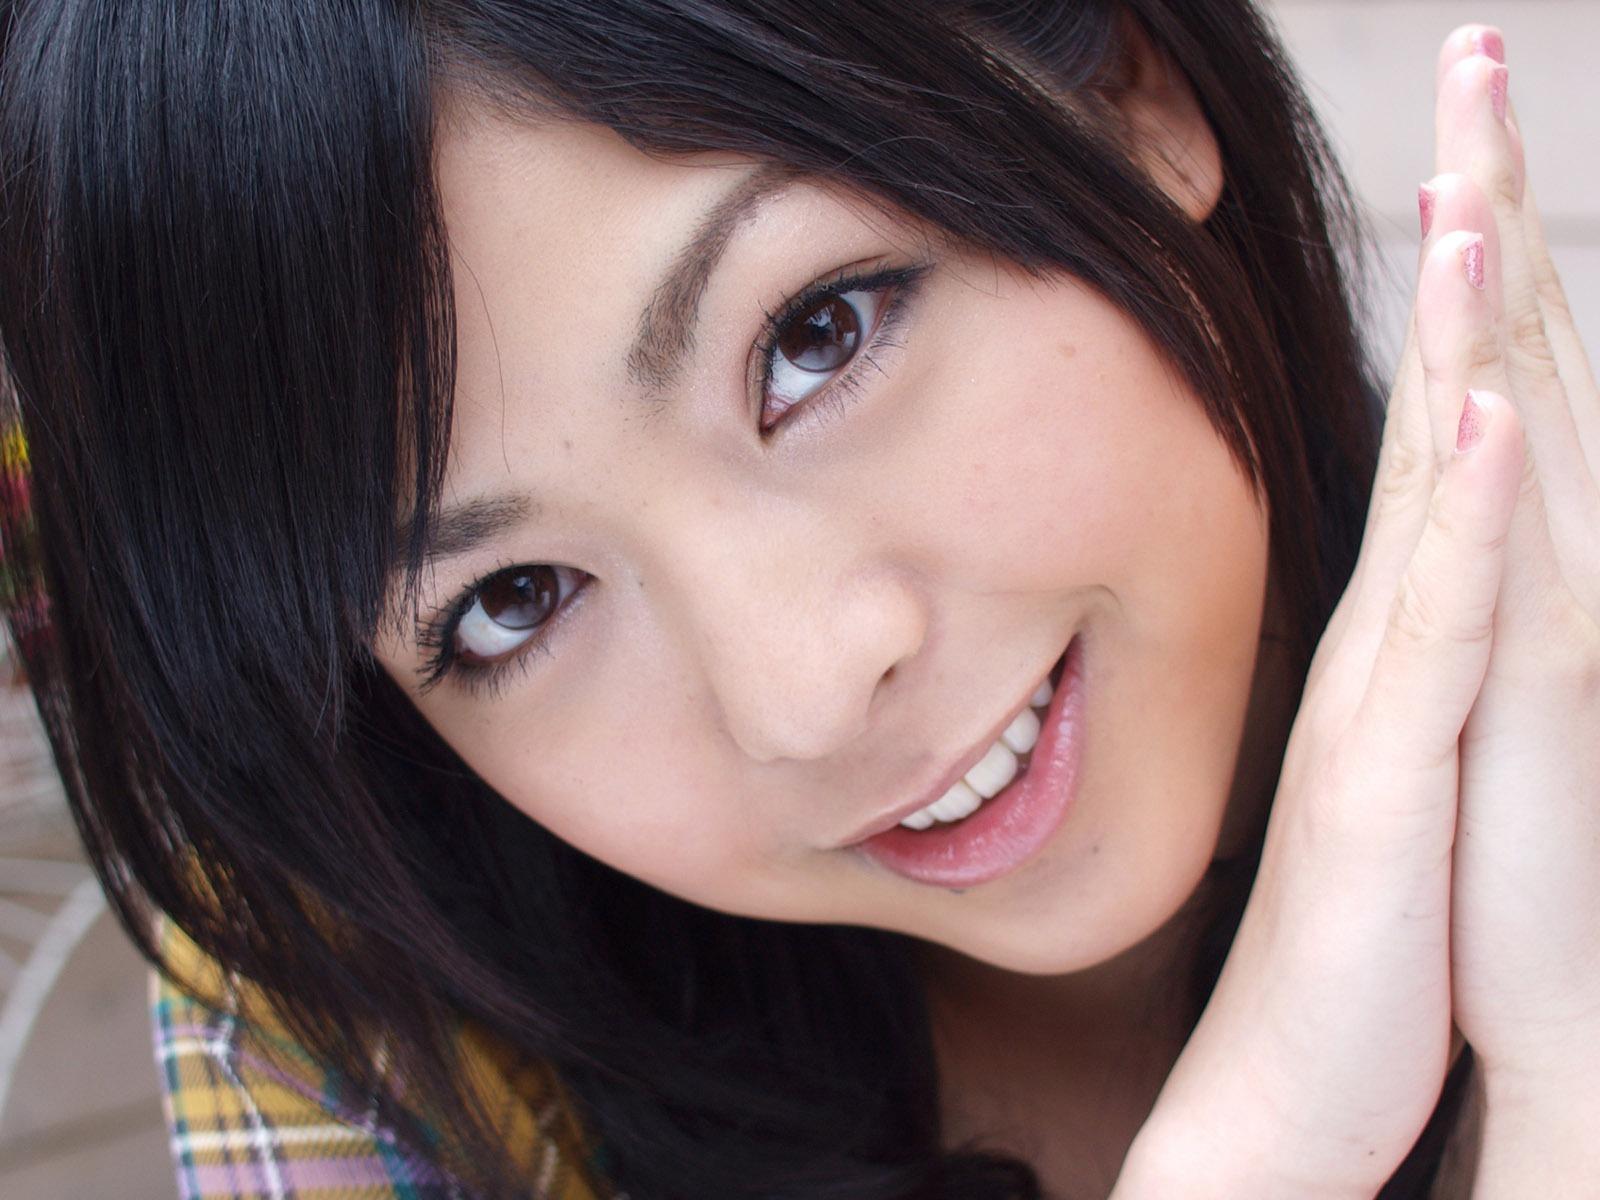 Yasushi Rikitake Photo Book